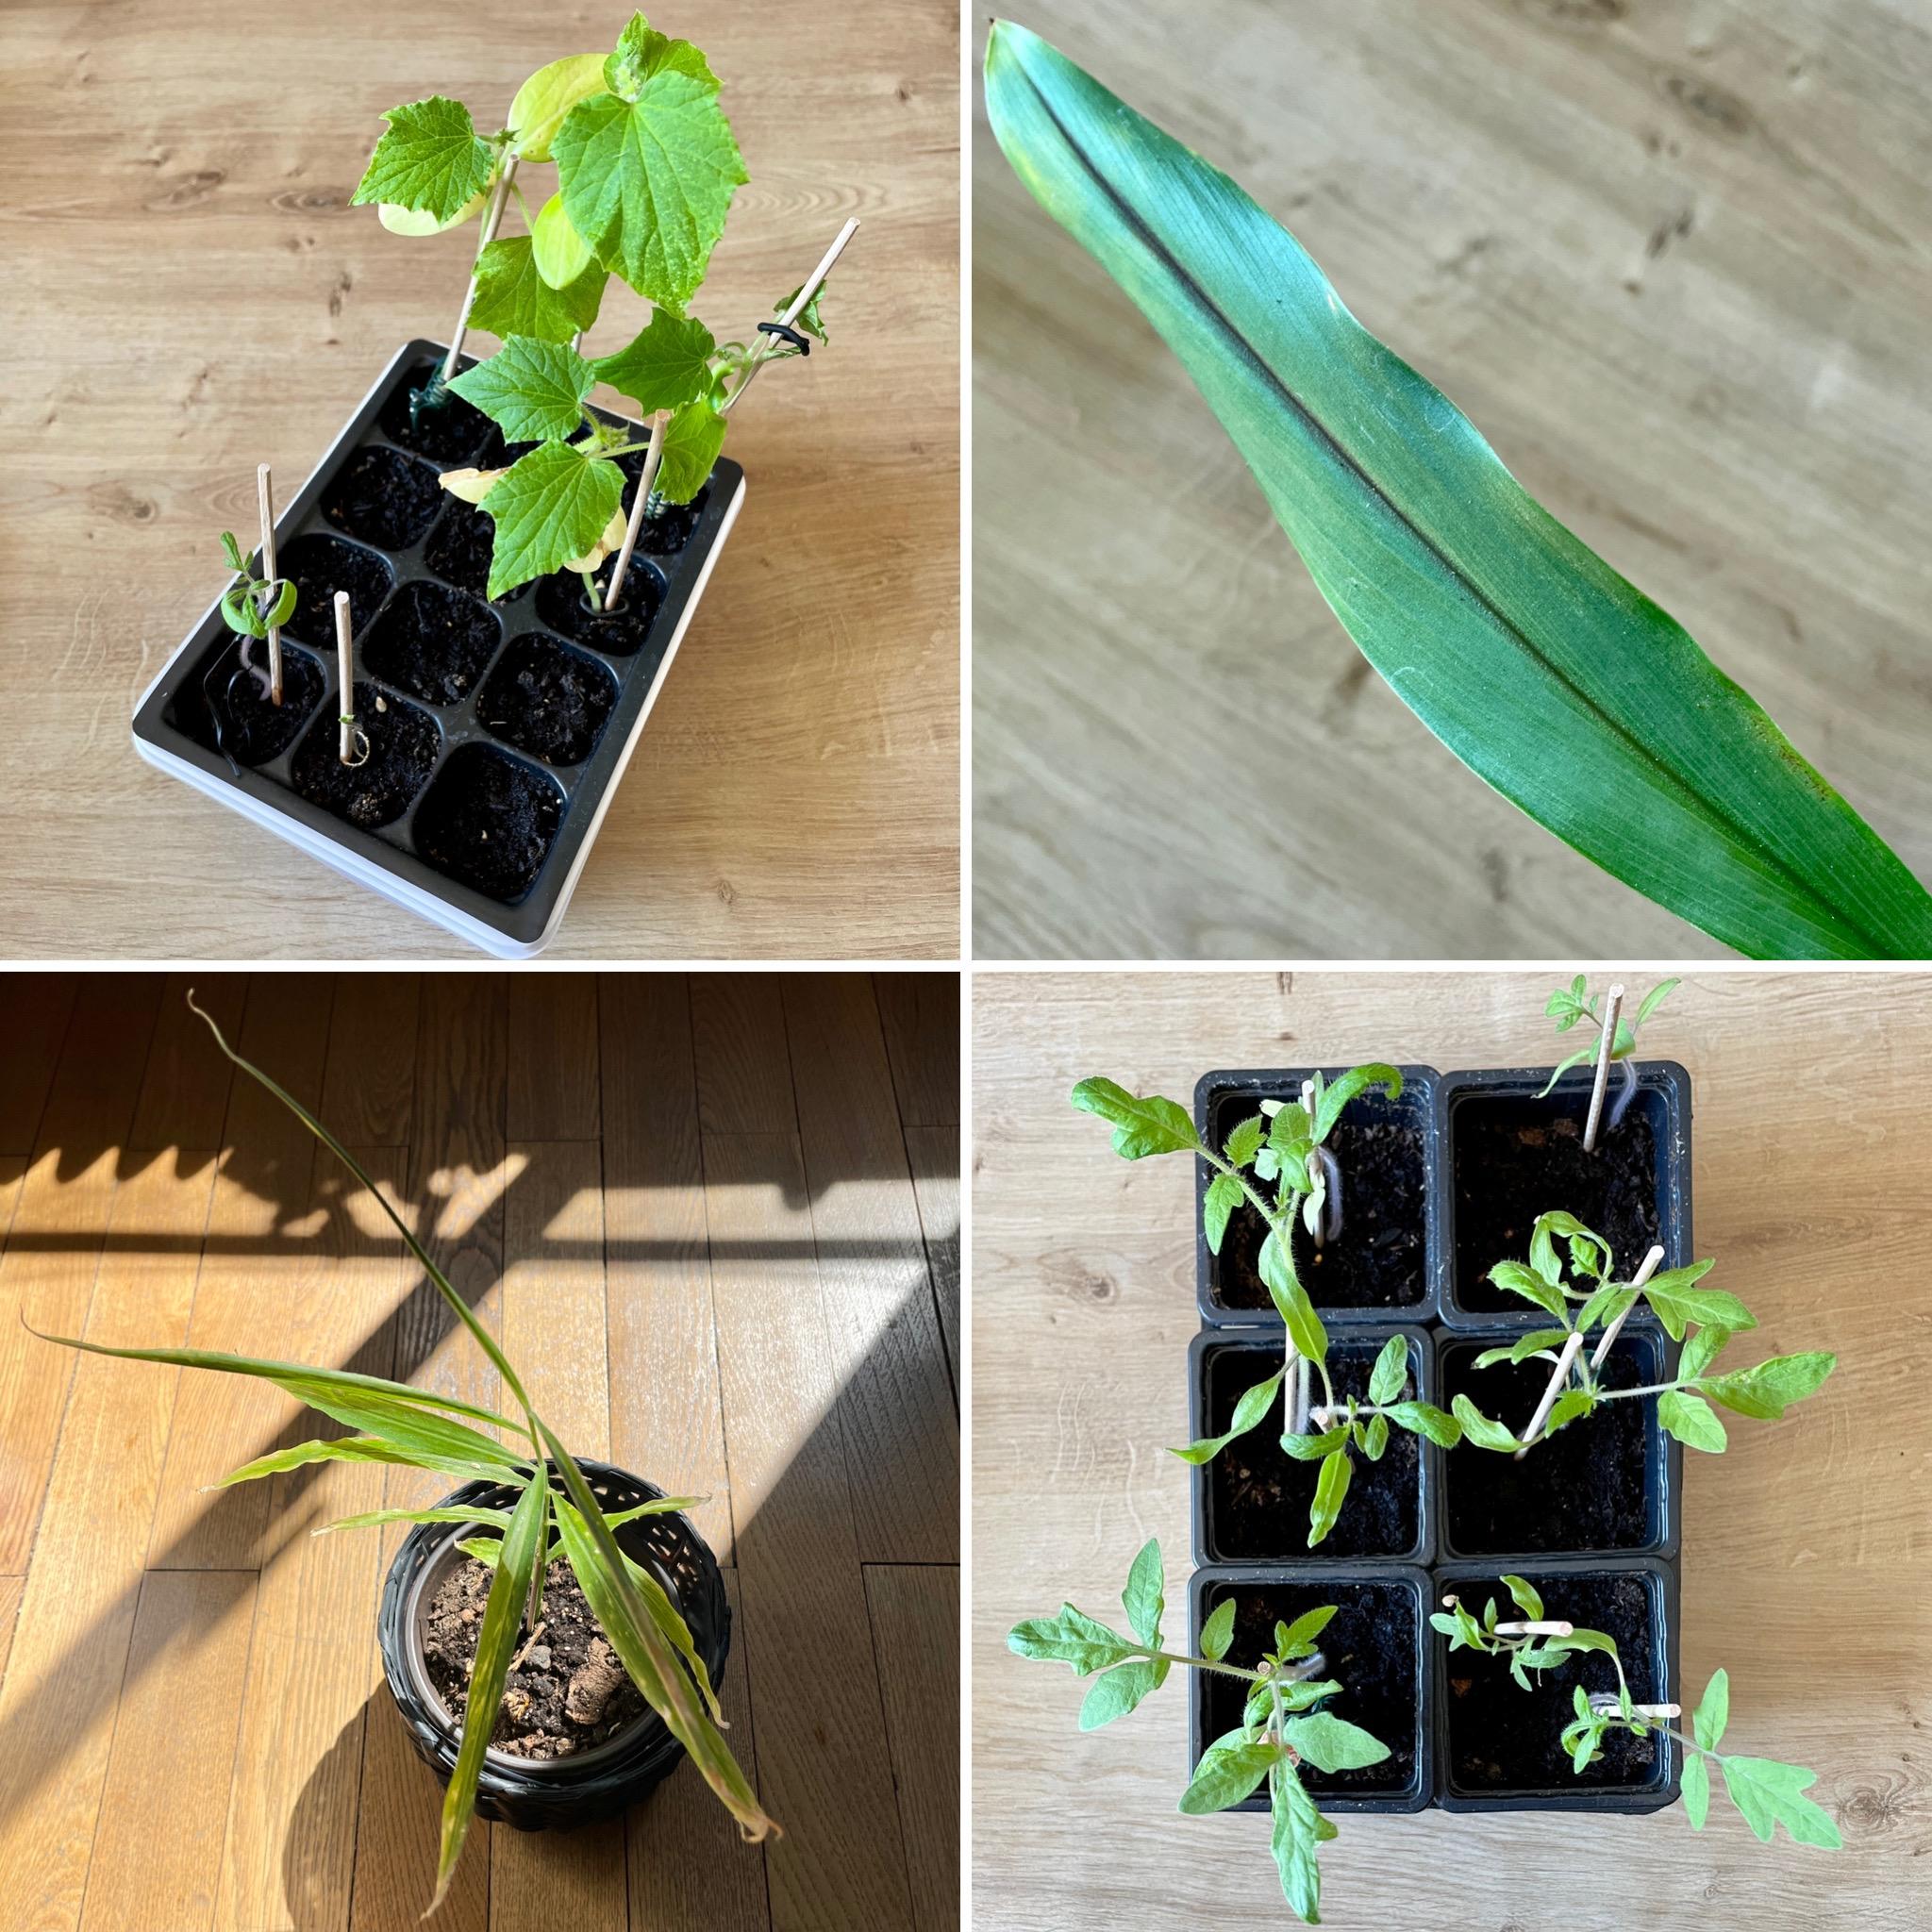 6F109457 C112 4D61 B373 2B6ACE0D0C13 - The gardener's maieutics